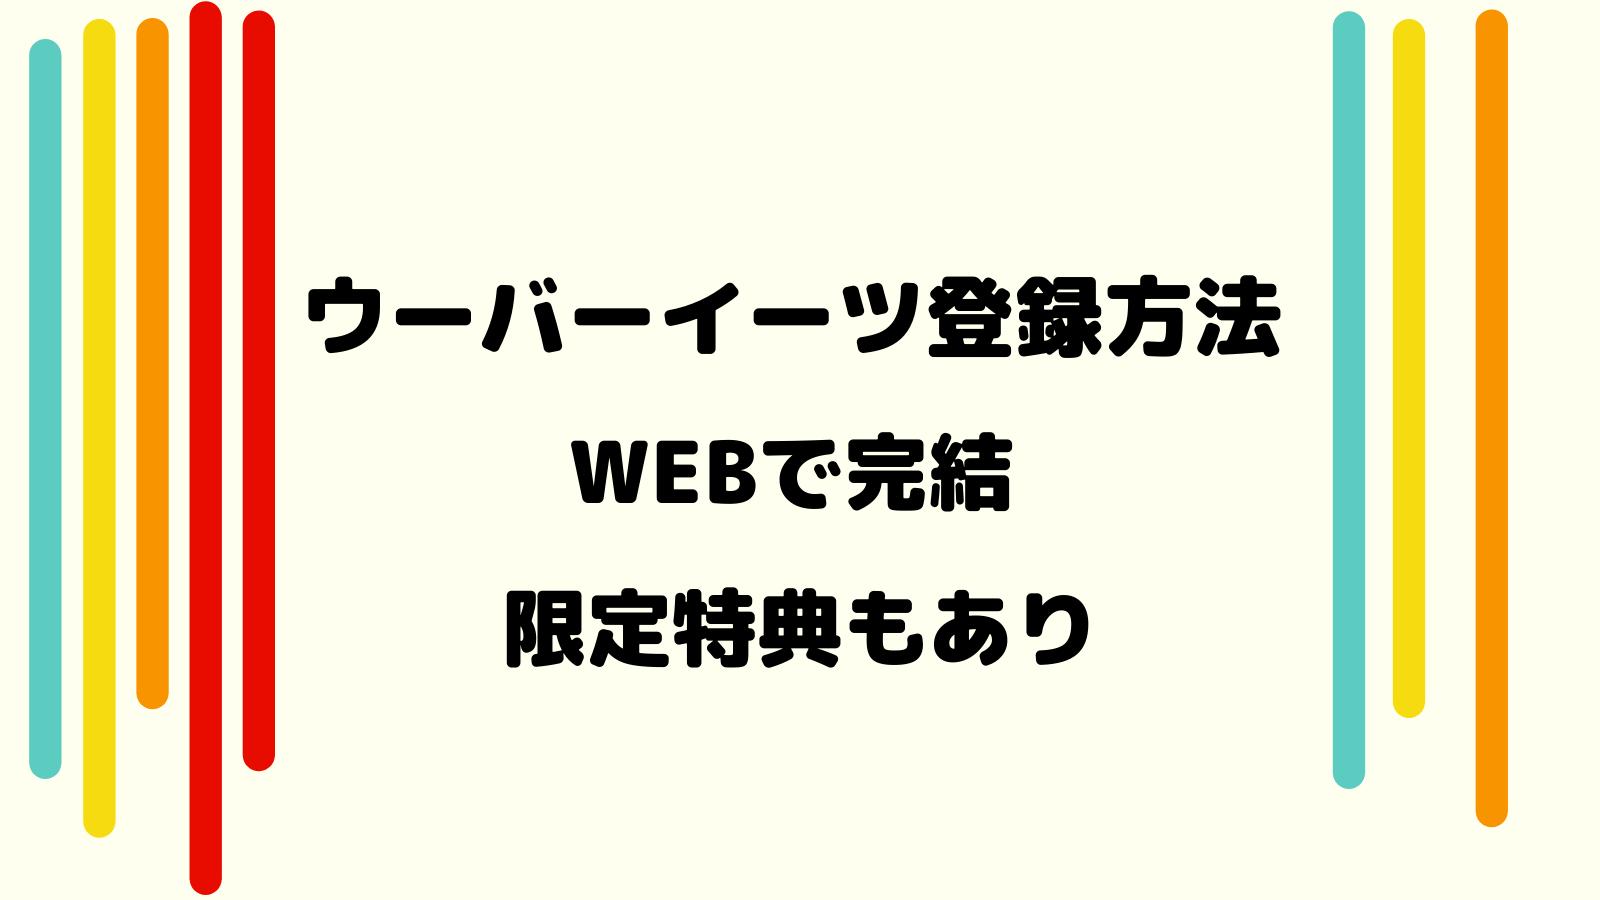 ウーバーイーツ配達員にWEBで登録する方法と注意点を細かく解説